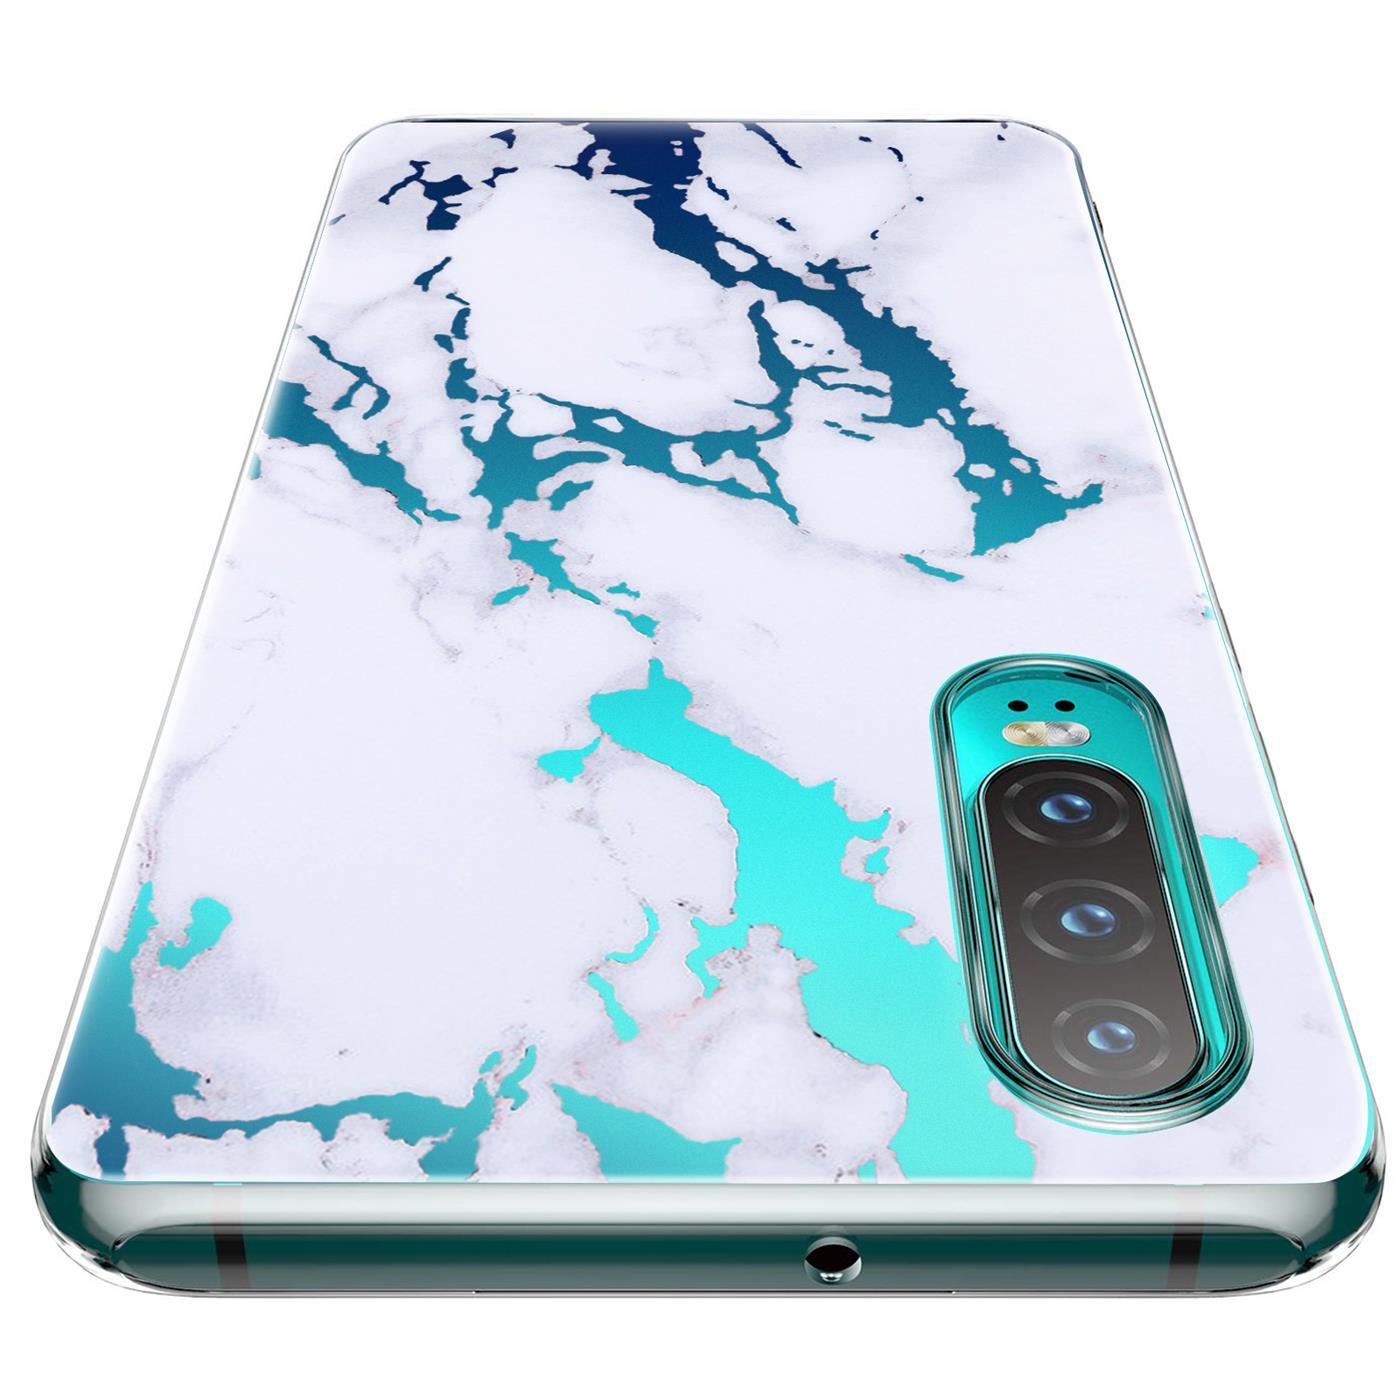 Huawei-P30-Lite-Motiv-Handy-Huelle-Silikon-Tasche-Schutzhuelle-Cover-Slim-TPU-Case Indexbild 48